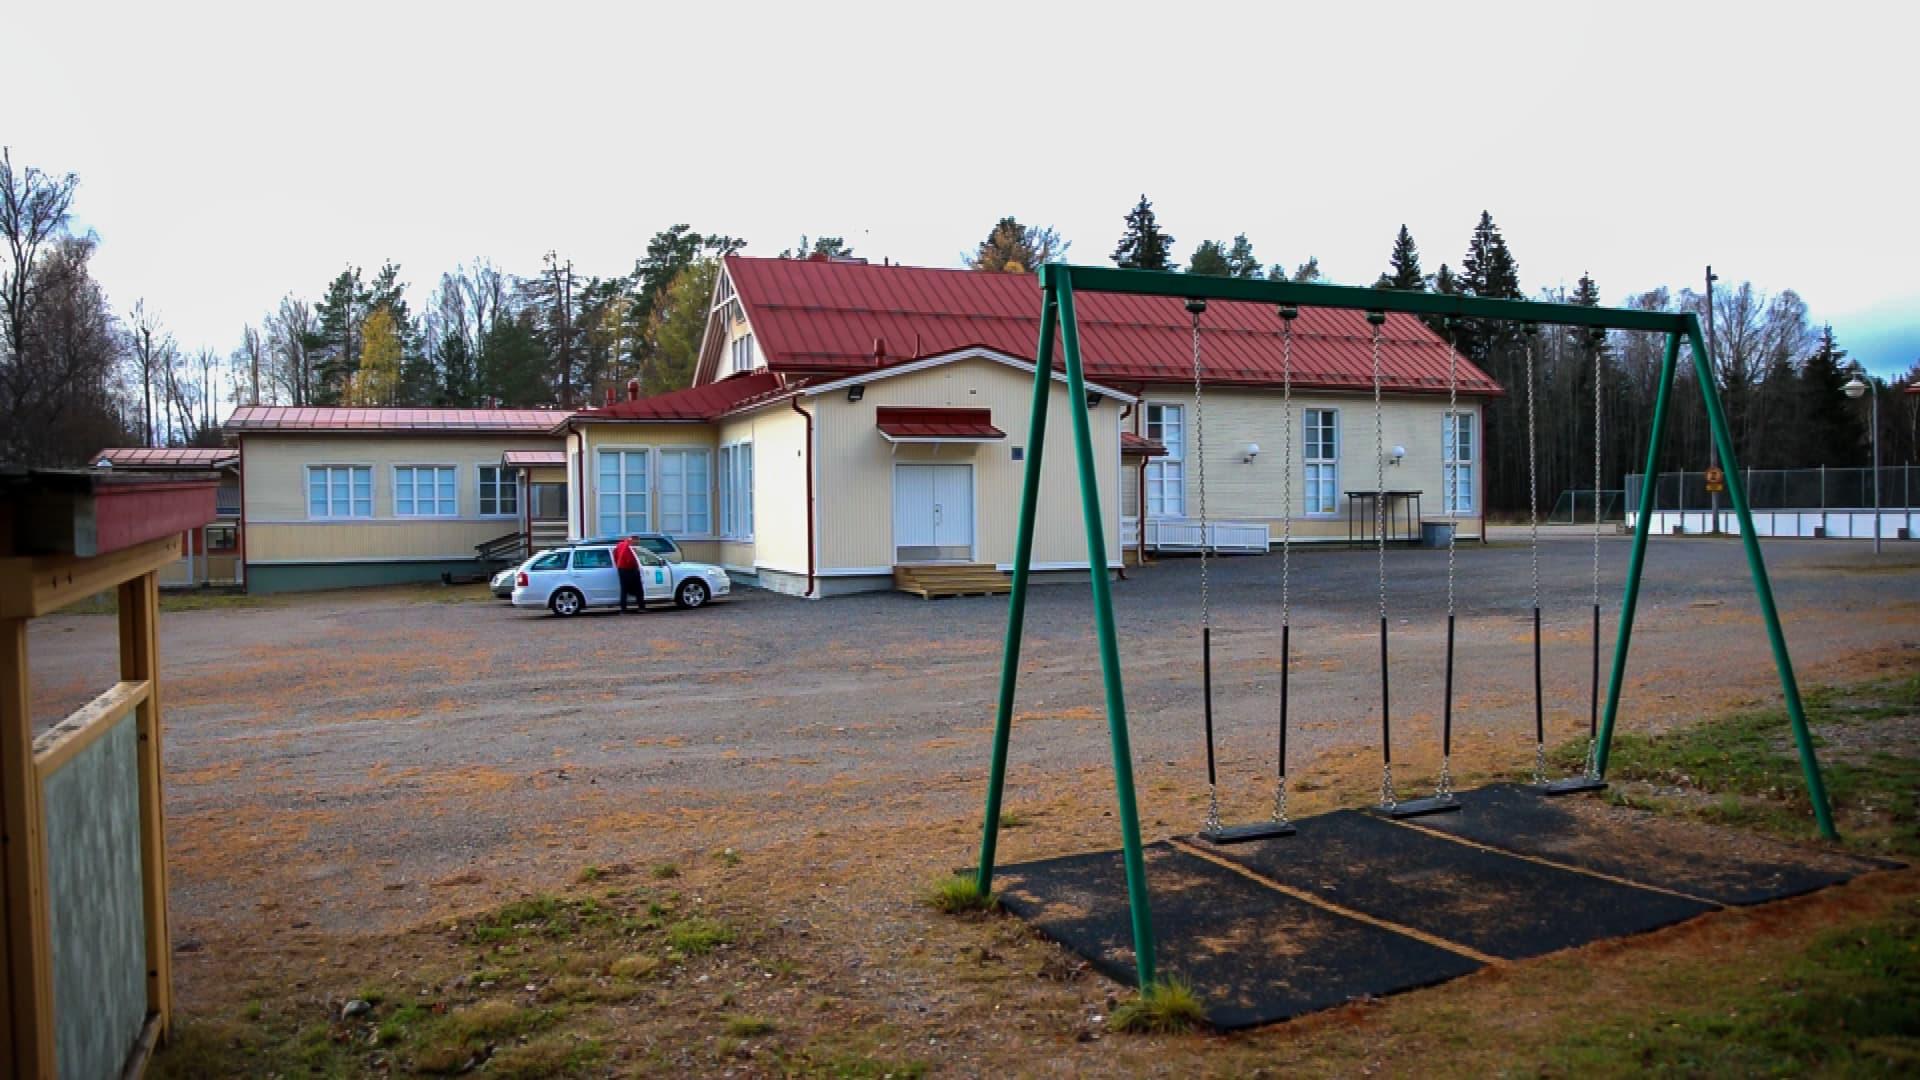 Syksyinen koulun piha. Keinut edustalla ja koulu takana.